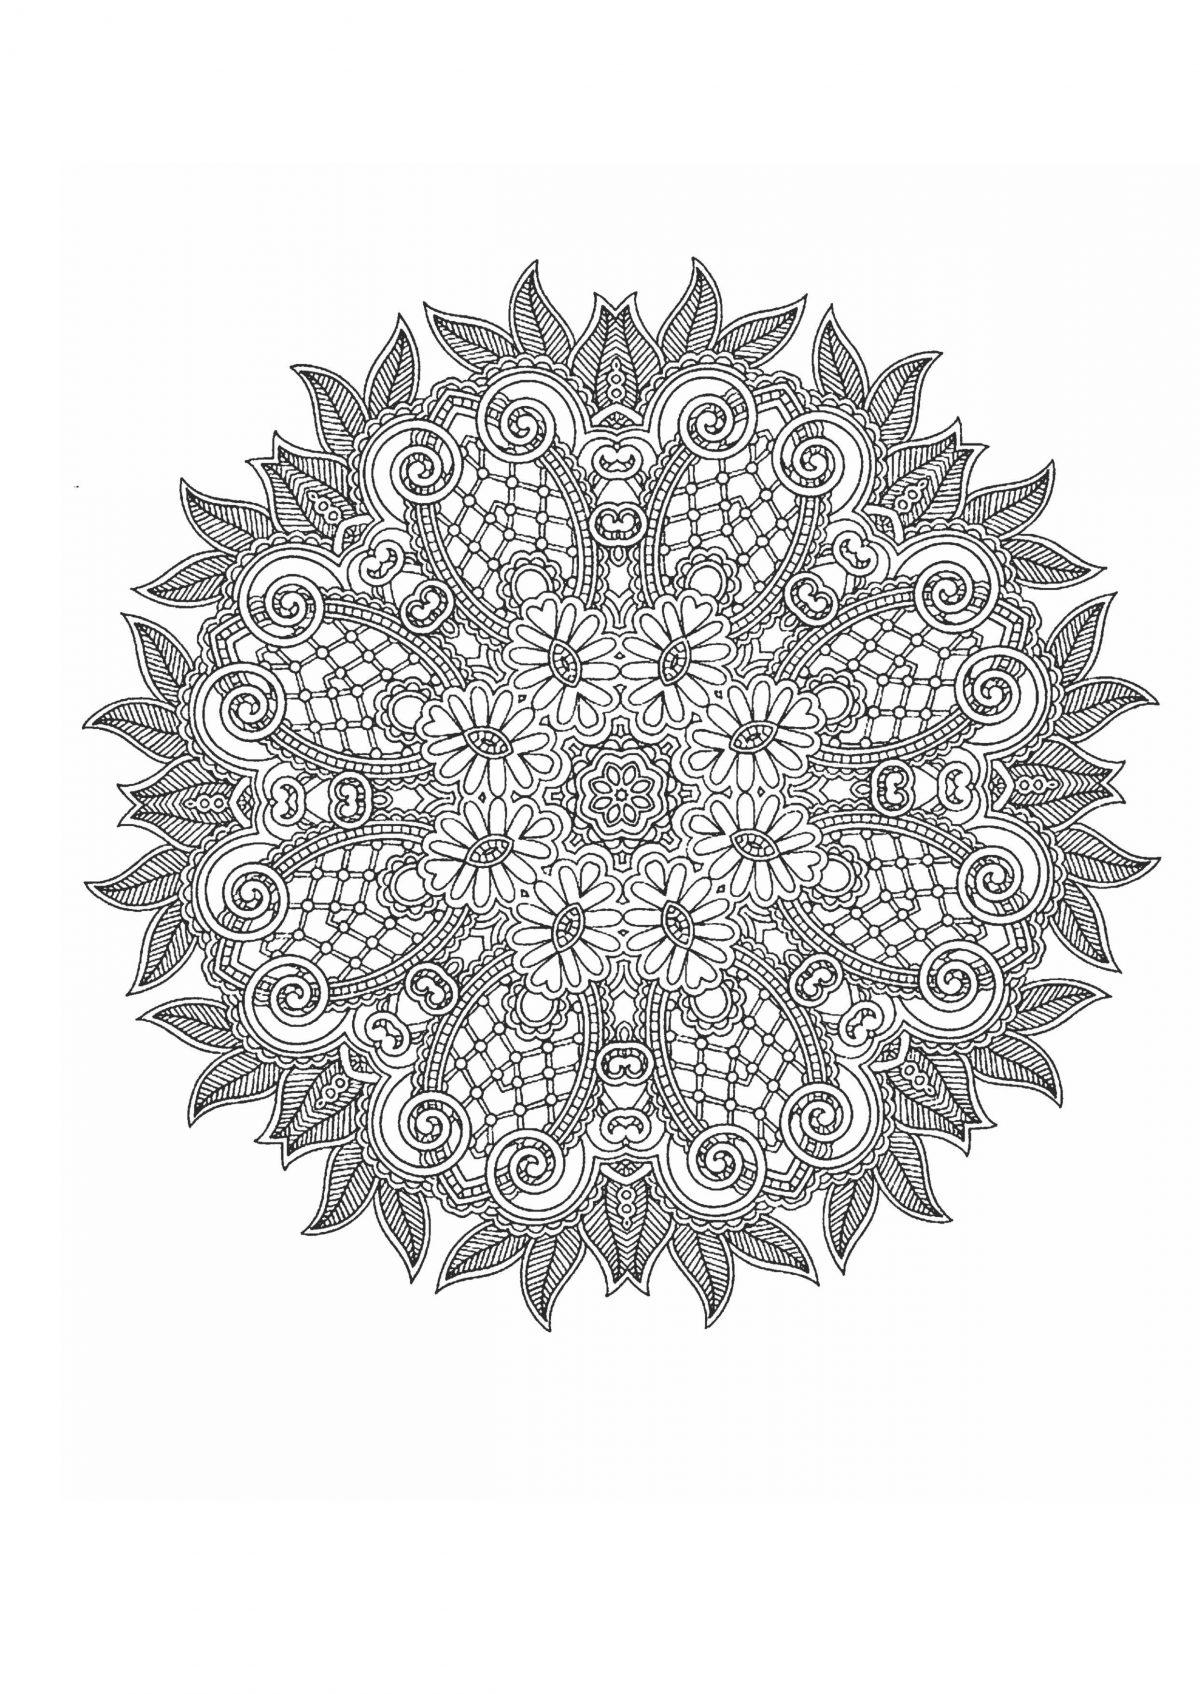 Раскраска антистресс с сложным узором - Раскраски А4 ...